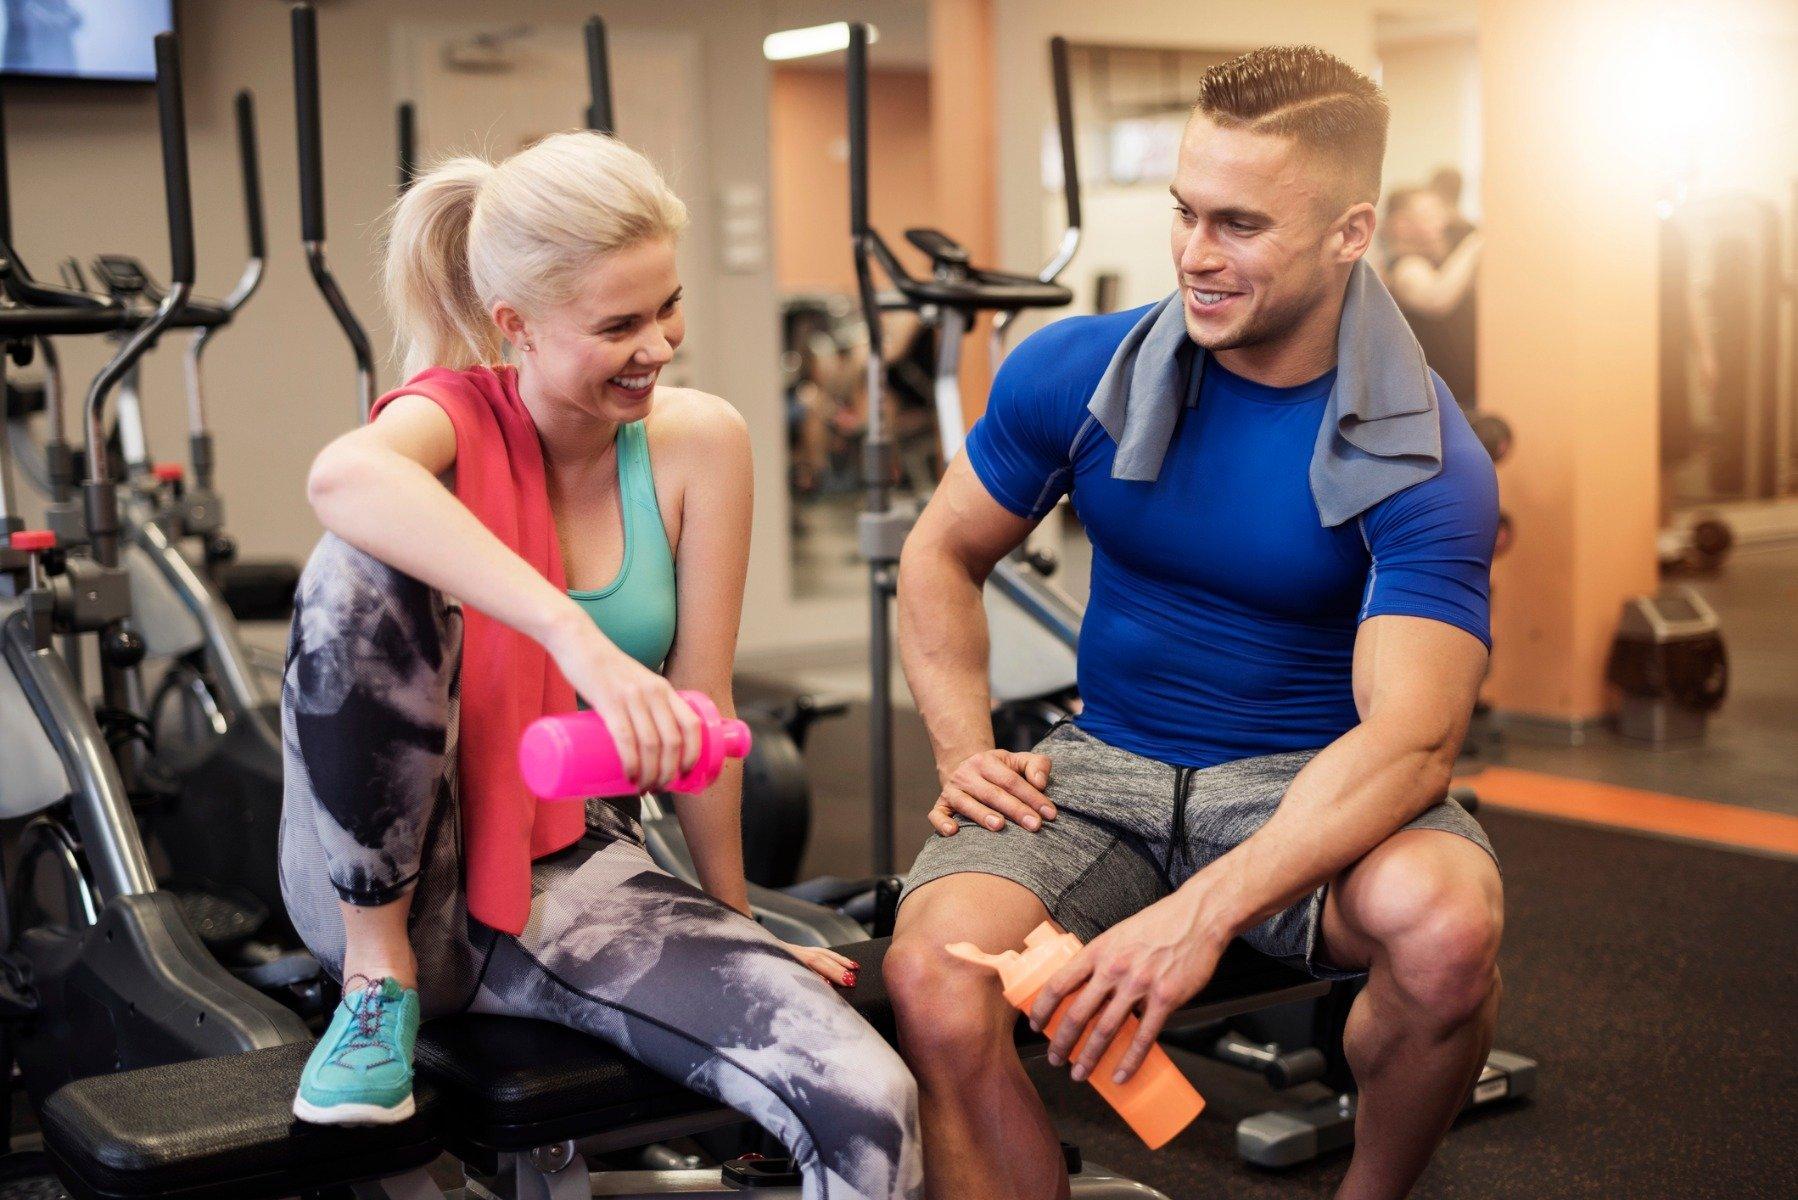 Adagonként mennyi fehérjét fogyasszunk edzés után?